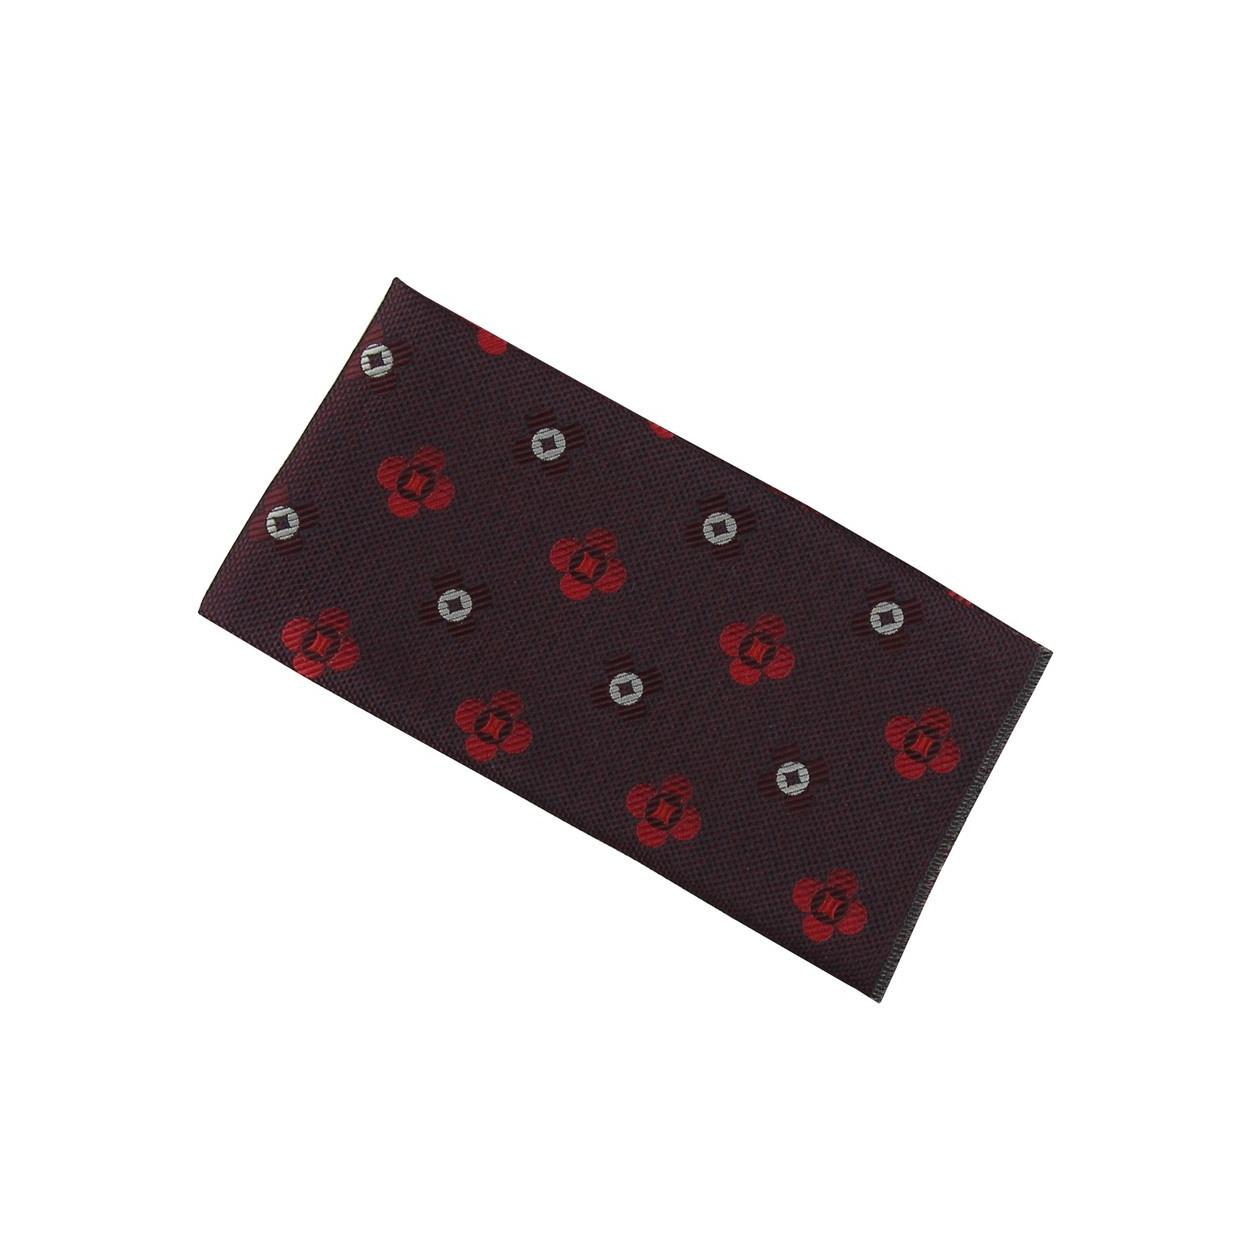 Vínově červený pánský kapesníček do saka s červenými květy